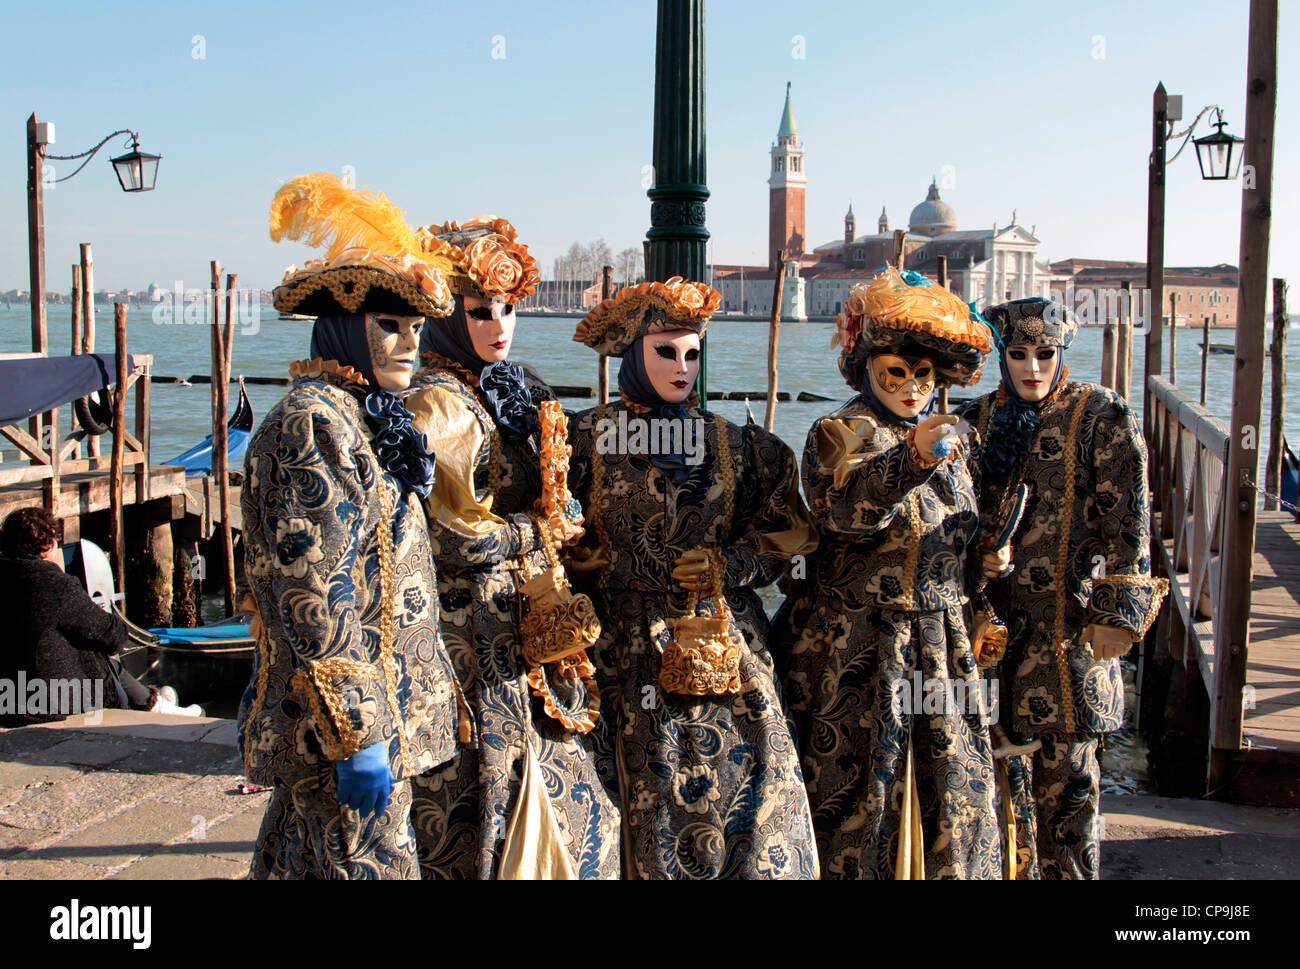 Karneval in Venedig, Carnival in Venice, Venedig,Itailen, Europa, Venice, Italy, Europe - Stock Image